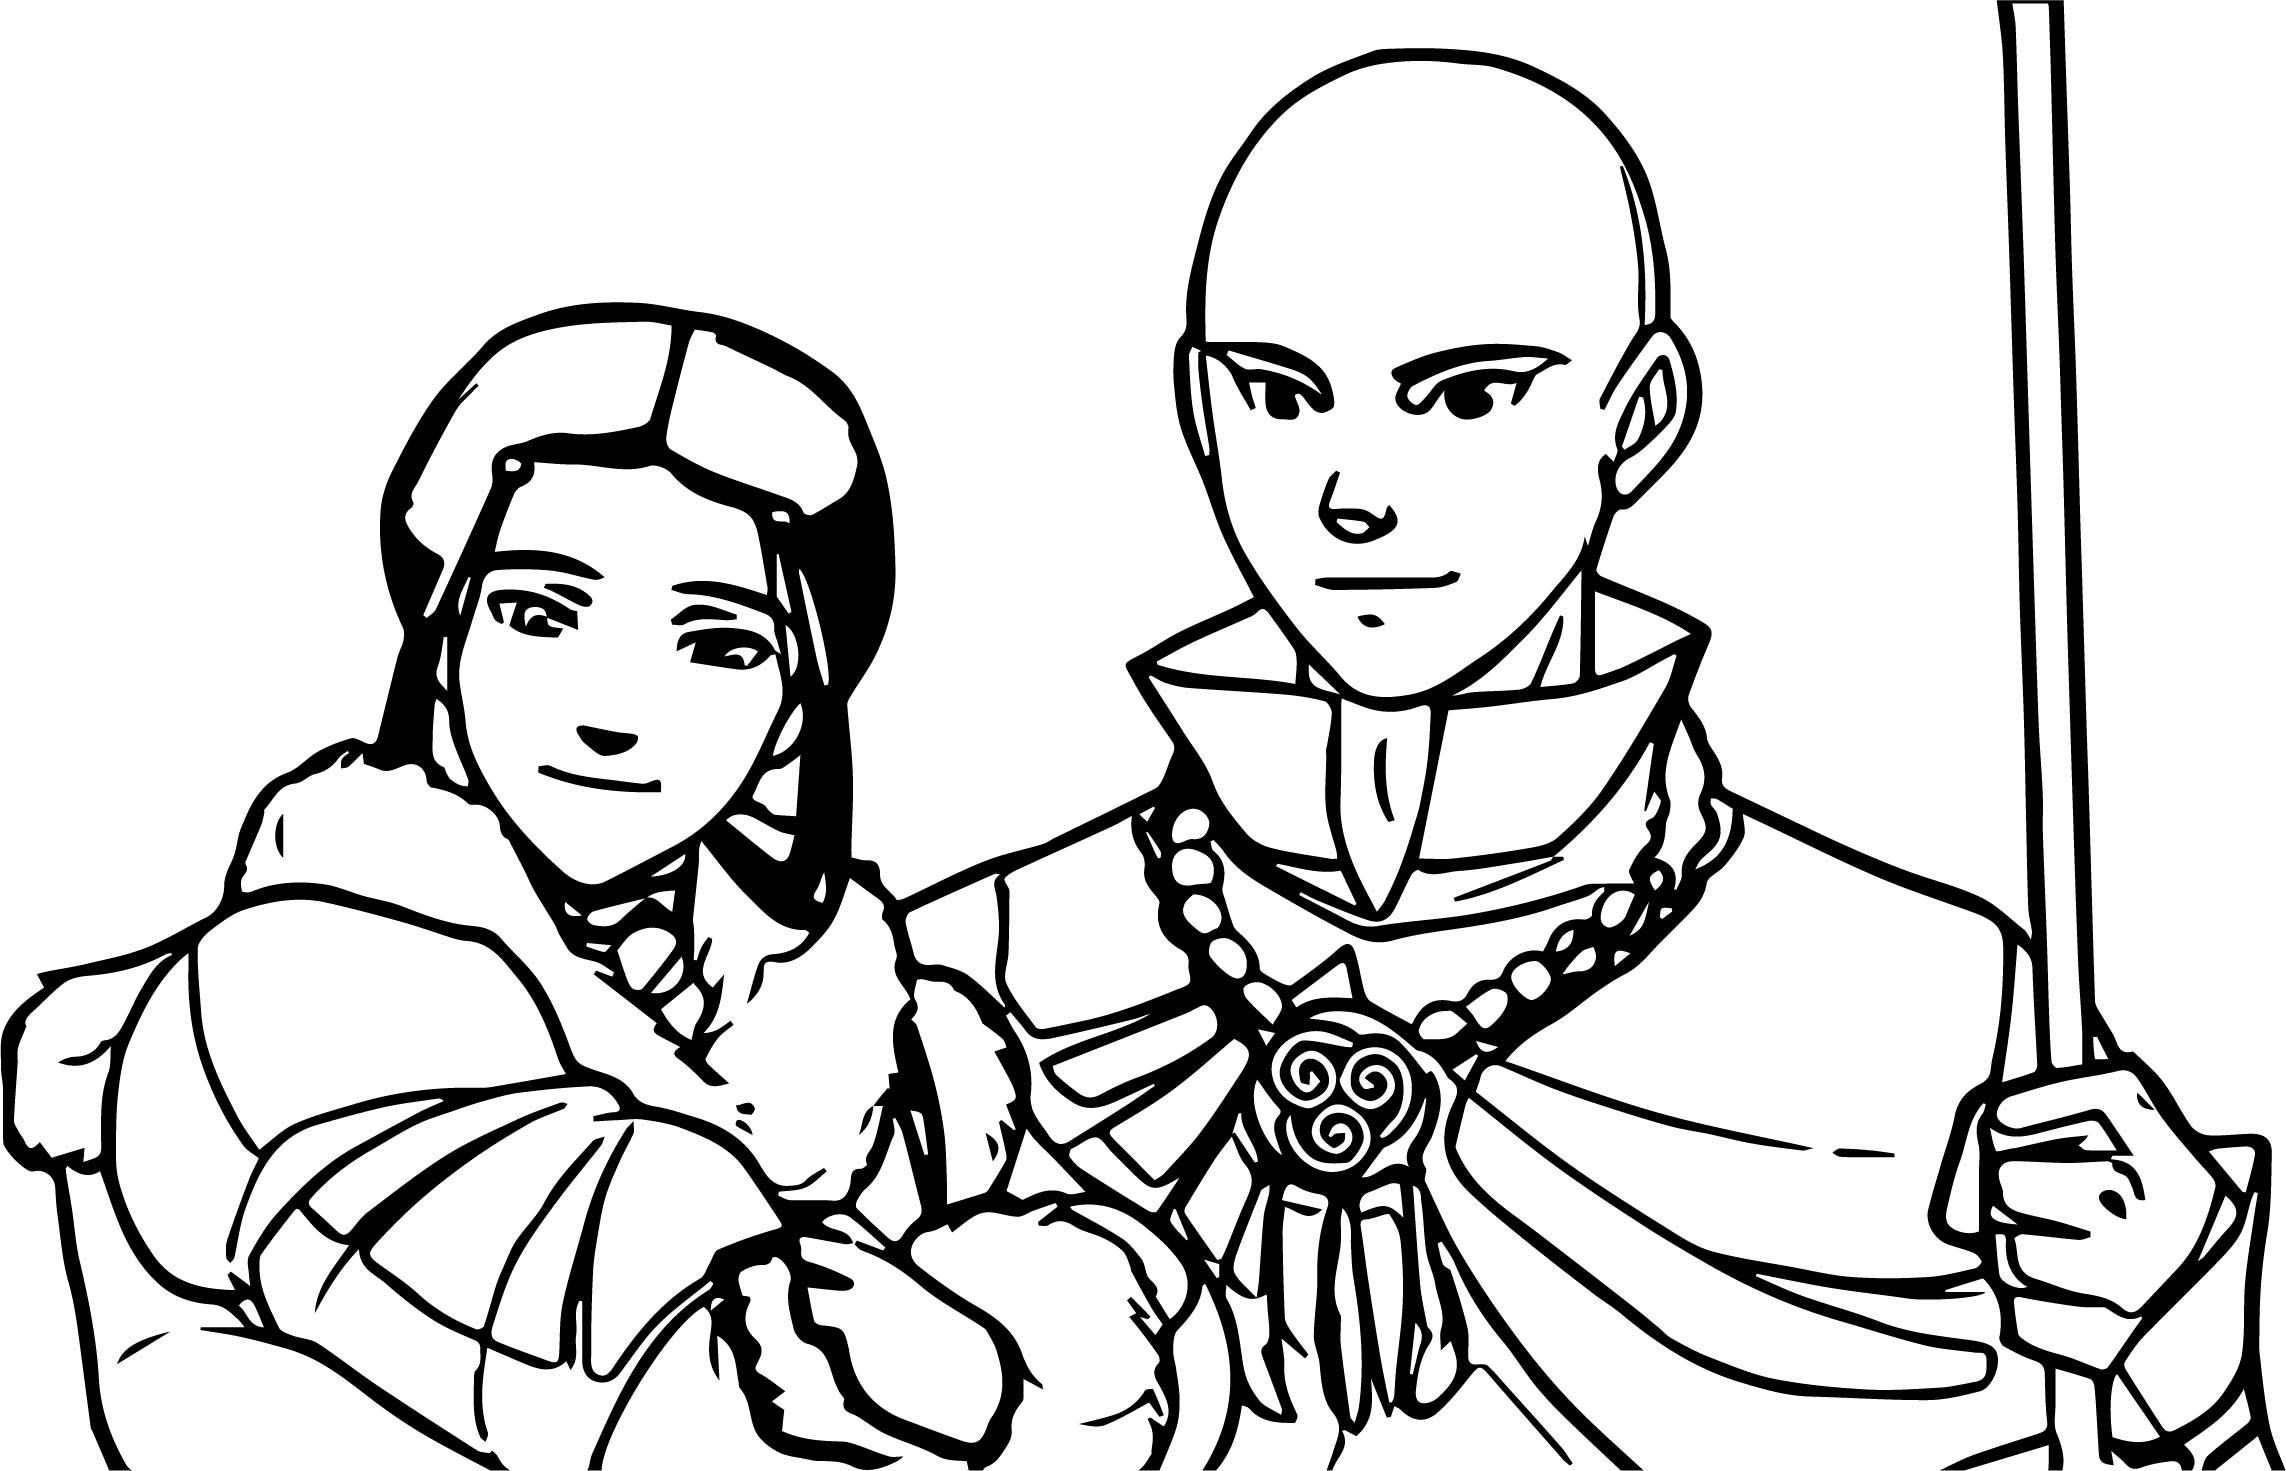 Aang And Katara's Future Avatar Aang Coloring Page